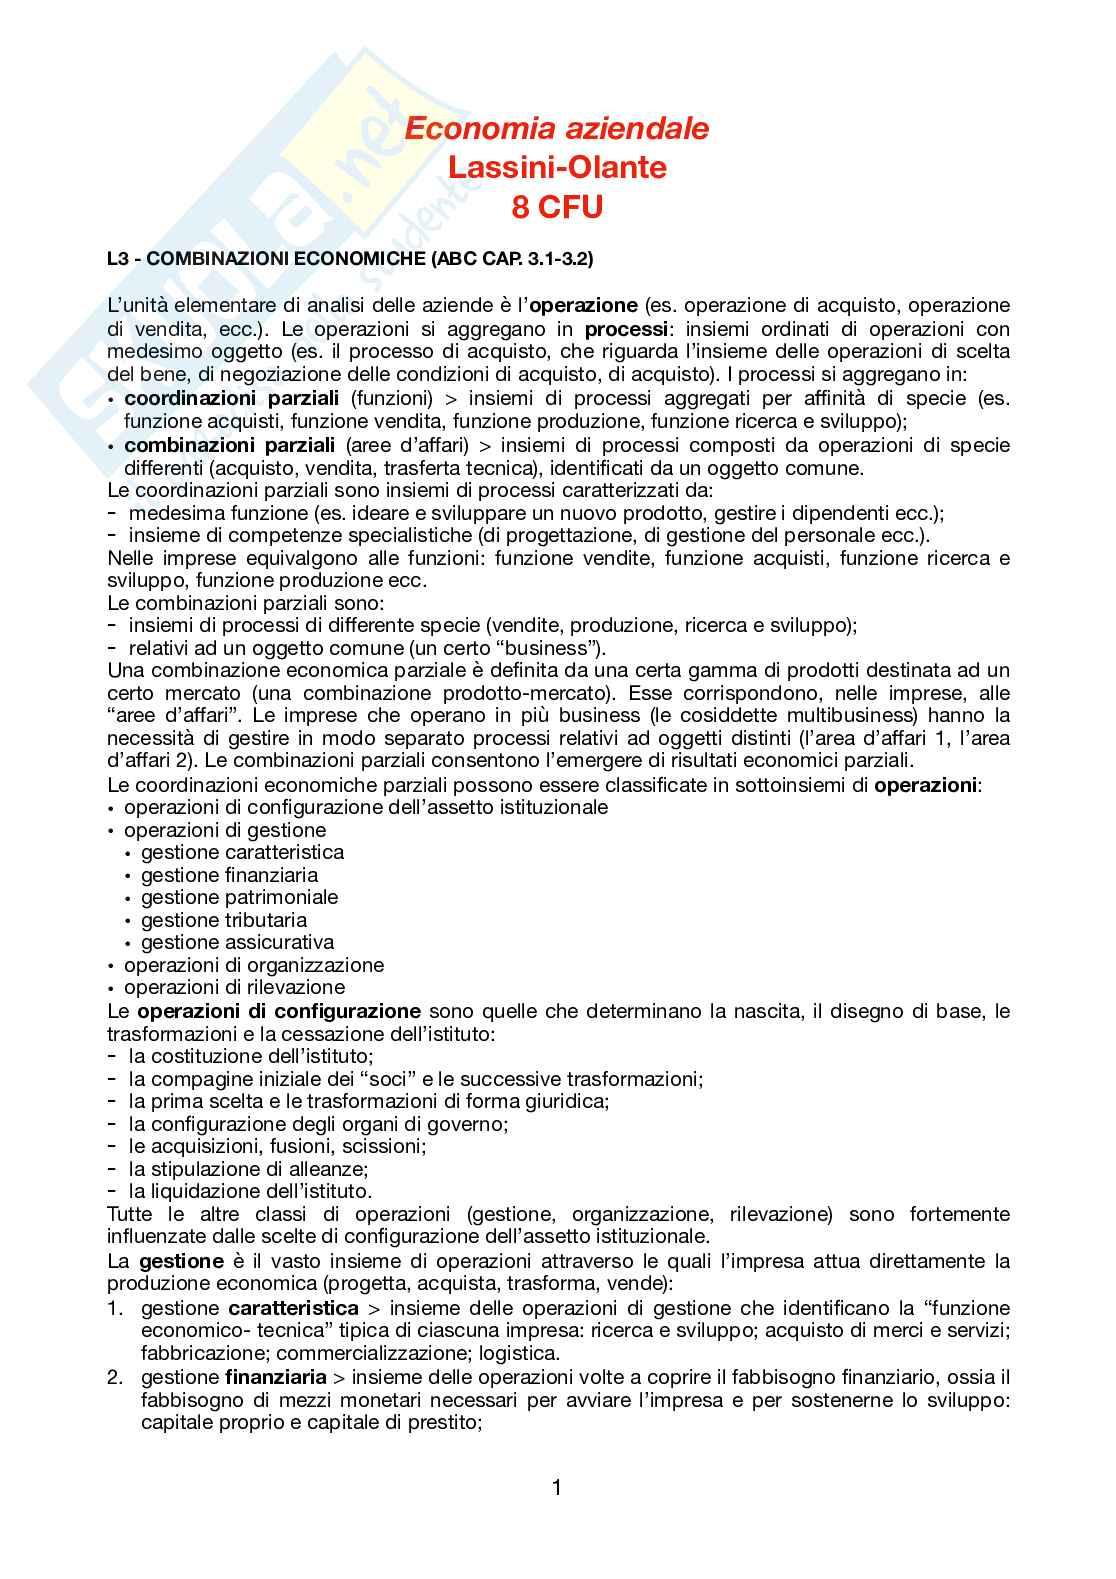 Appunti - Economia aziendale corso base, Lassini e Olante